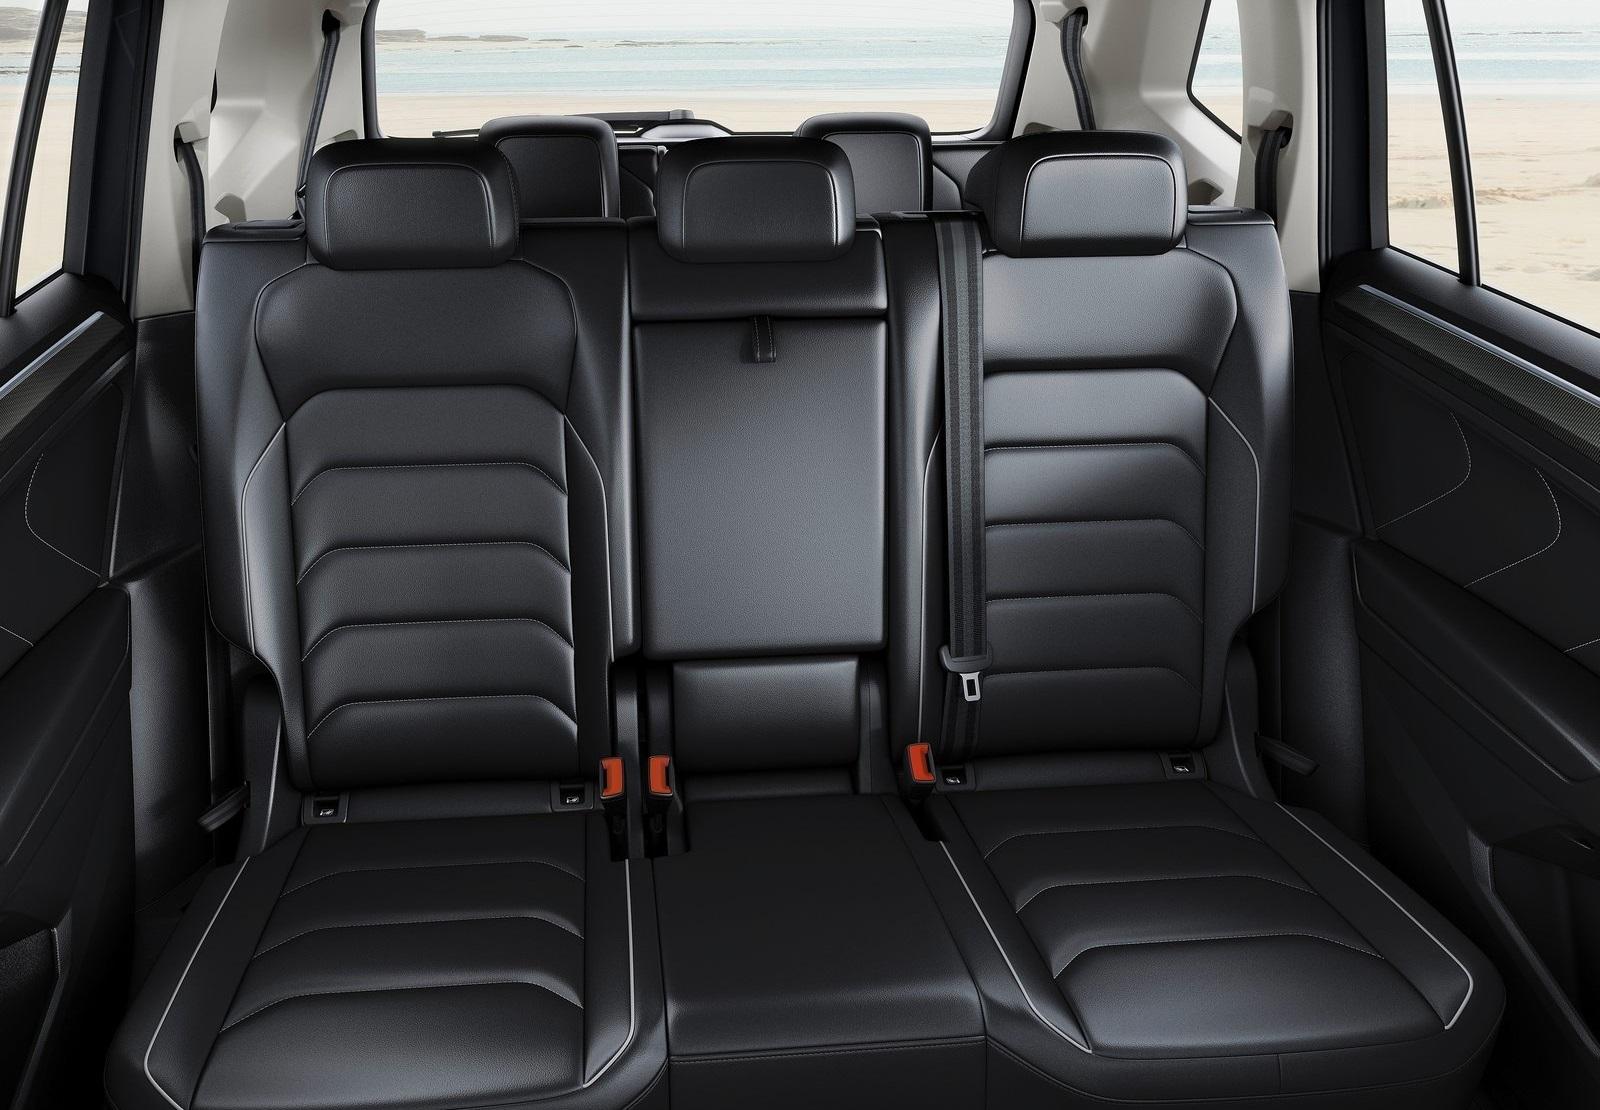 volkswagen tiguan 2018 precios detalles y equipamiento en m xico autos y moda m xico. Black Bedroom Furniture Sets. Home Design Ideas